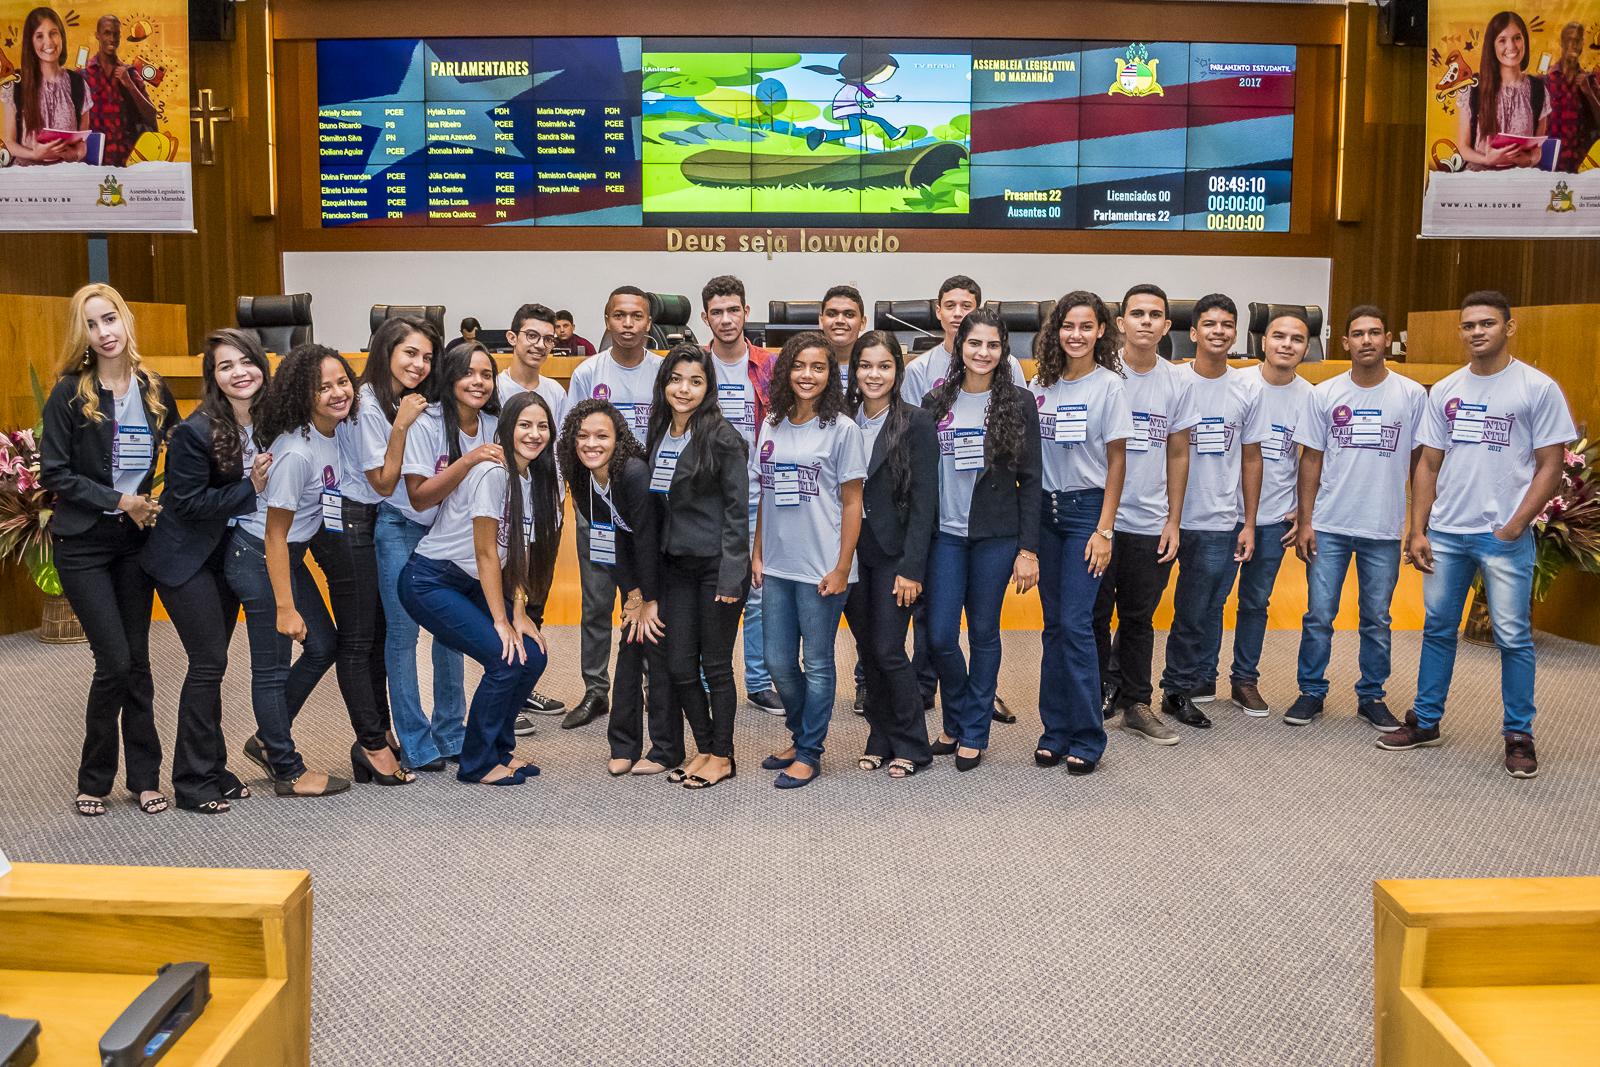 Deputados estudantes conhecem estrutura da Assembleia Legislativa